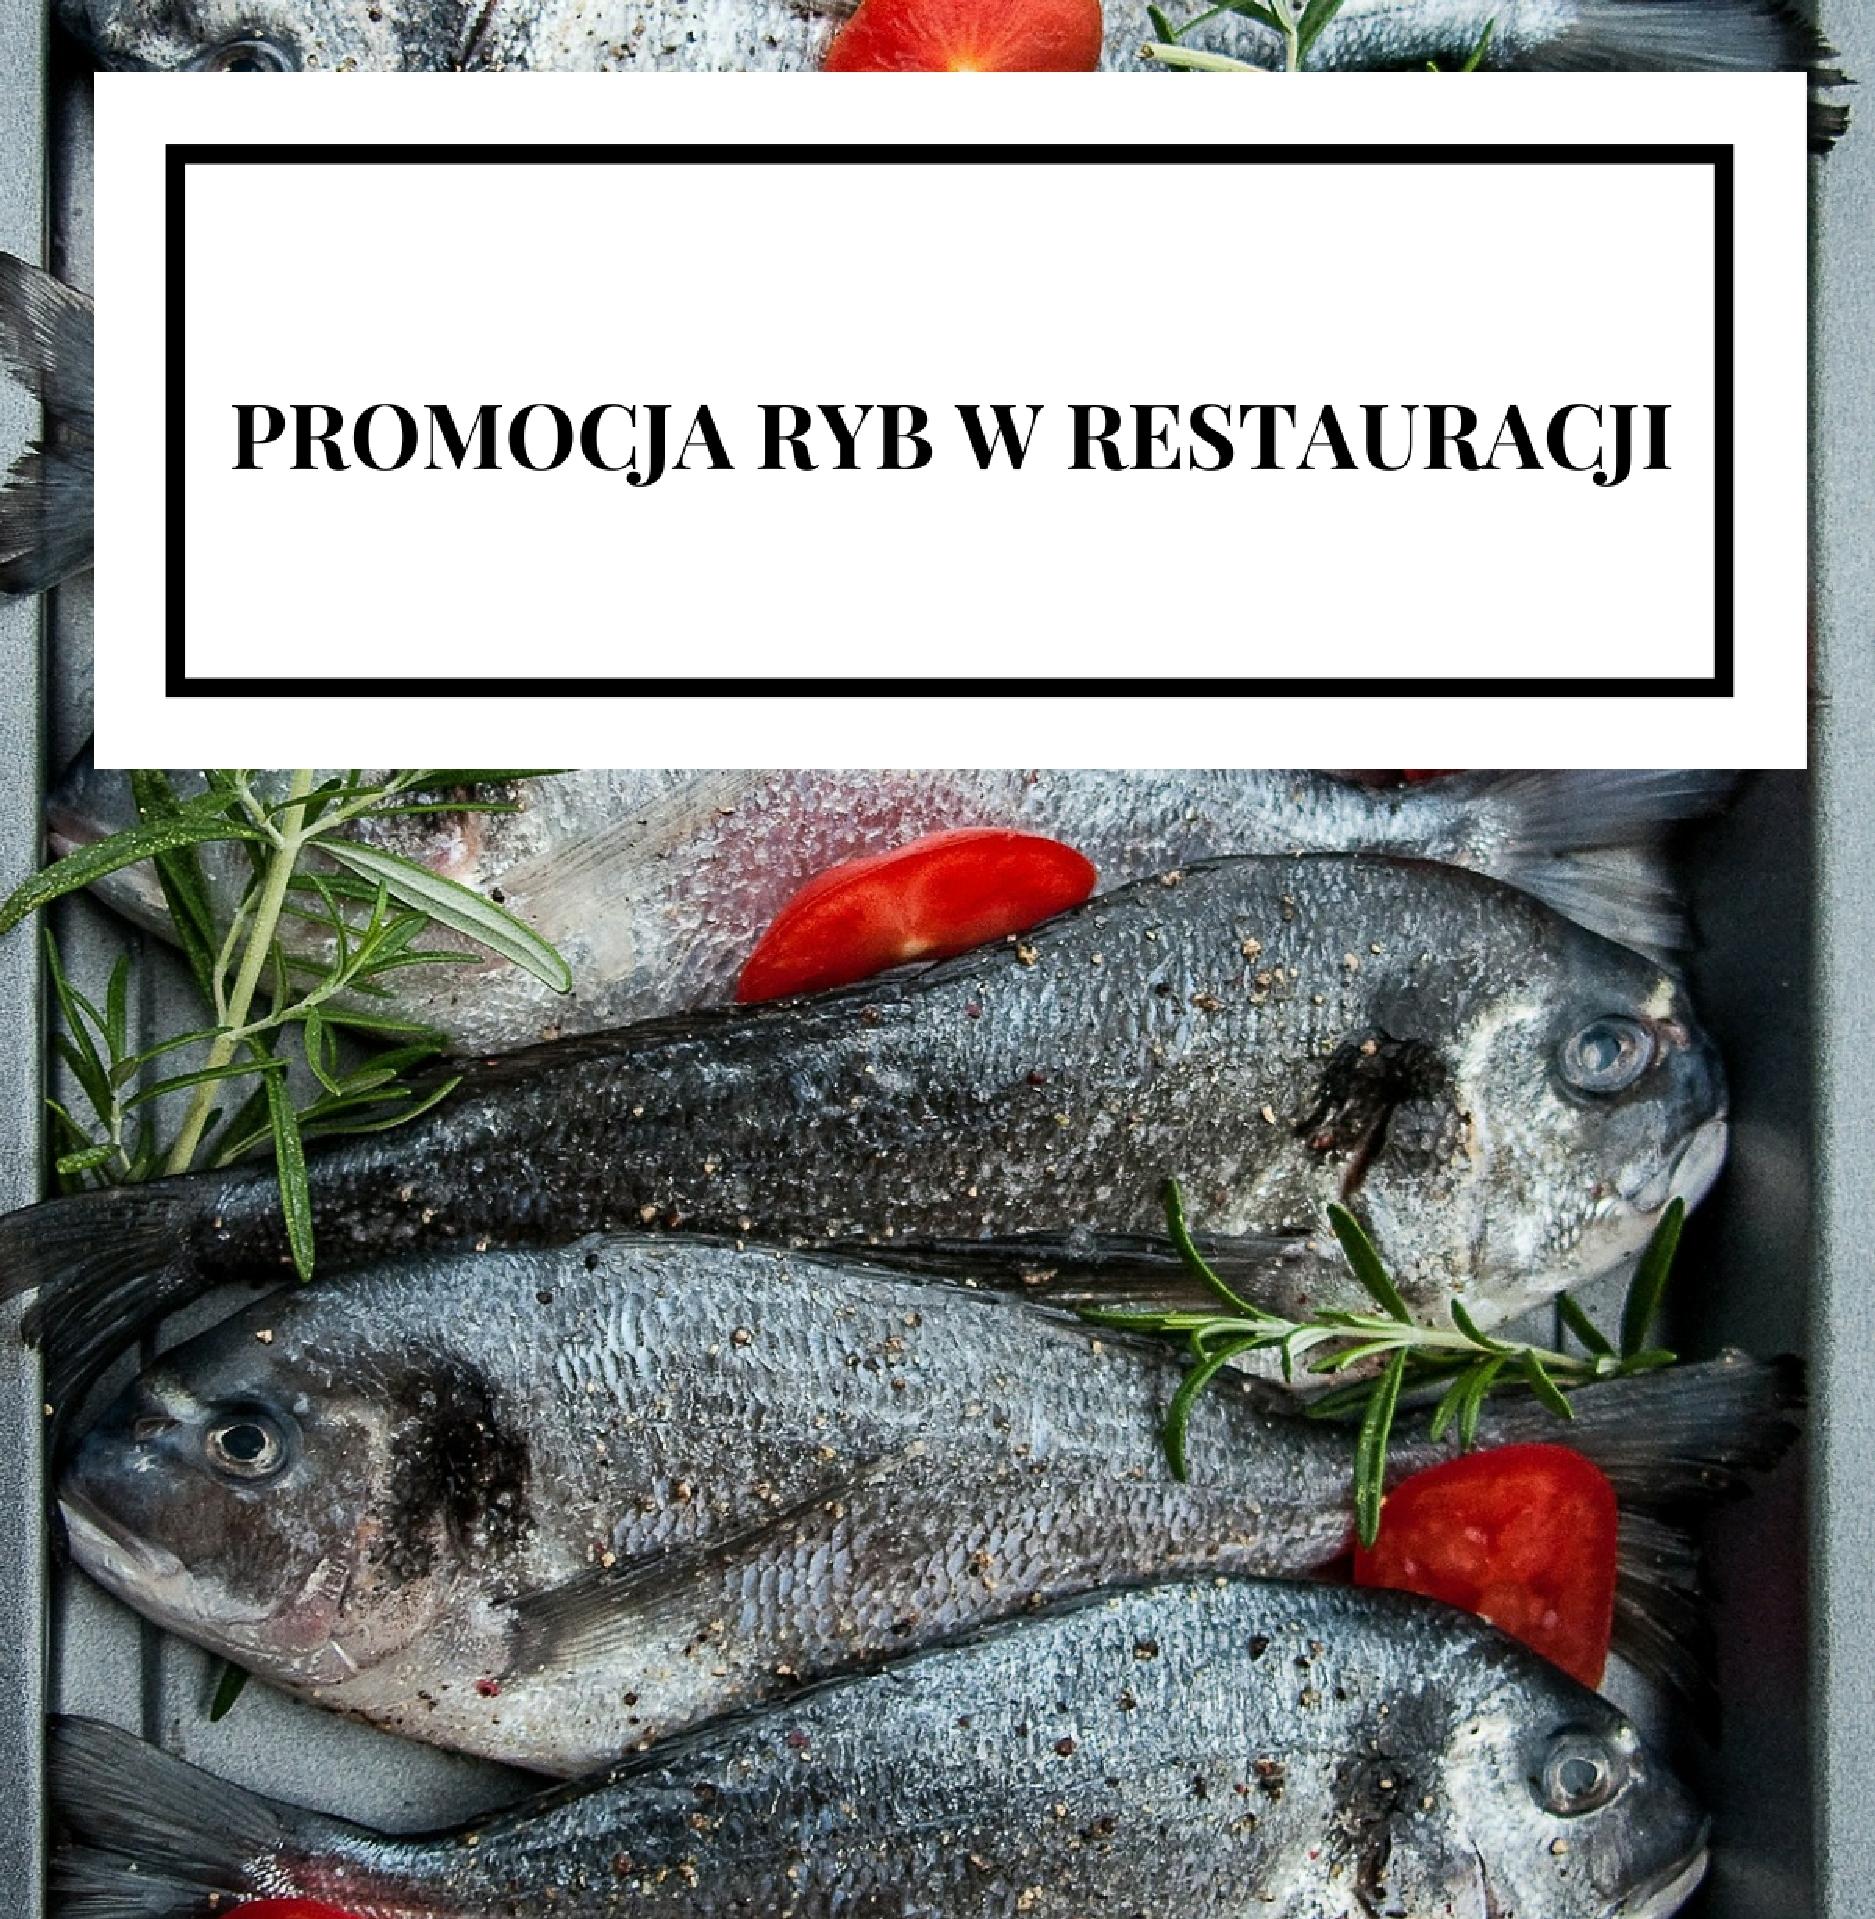 Promocja ryb w restauracji